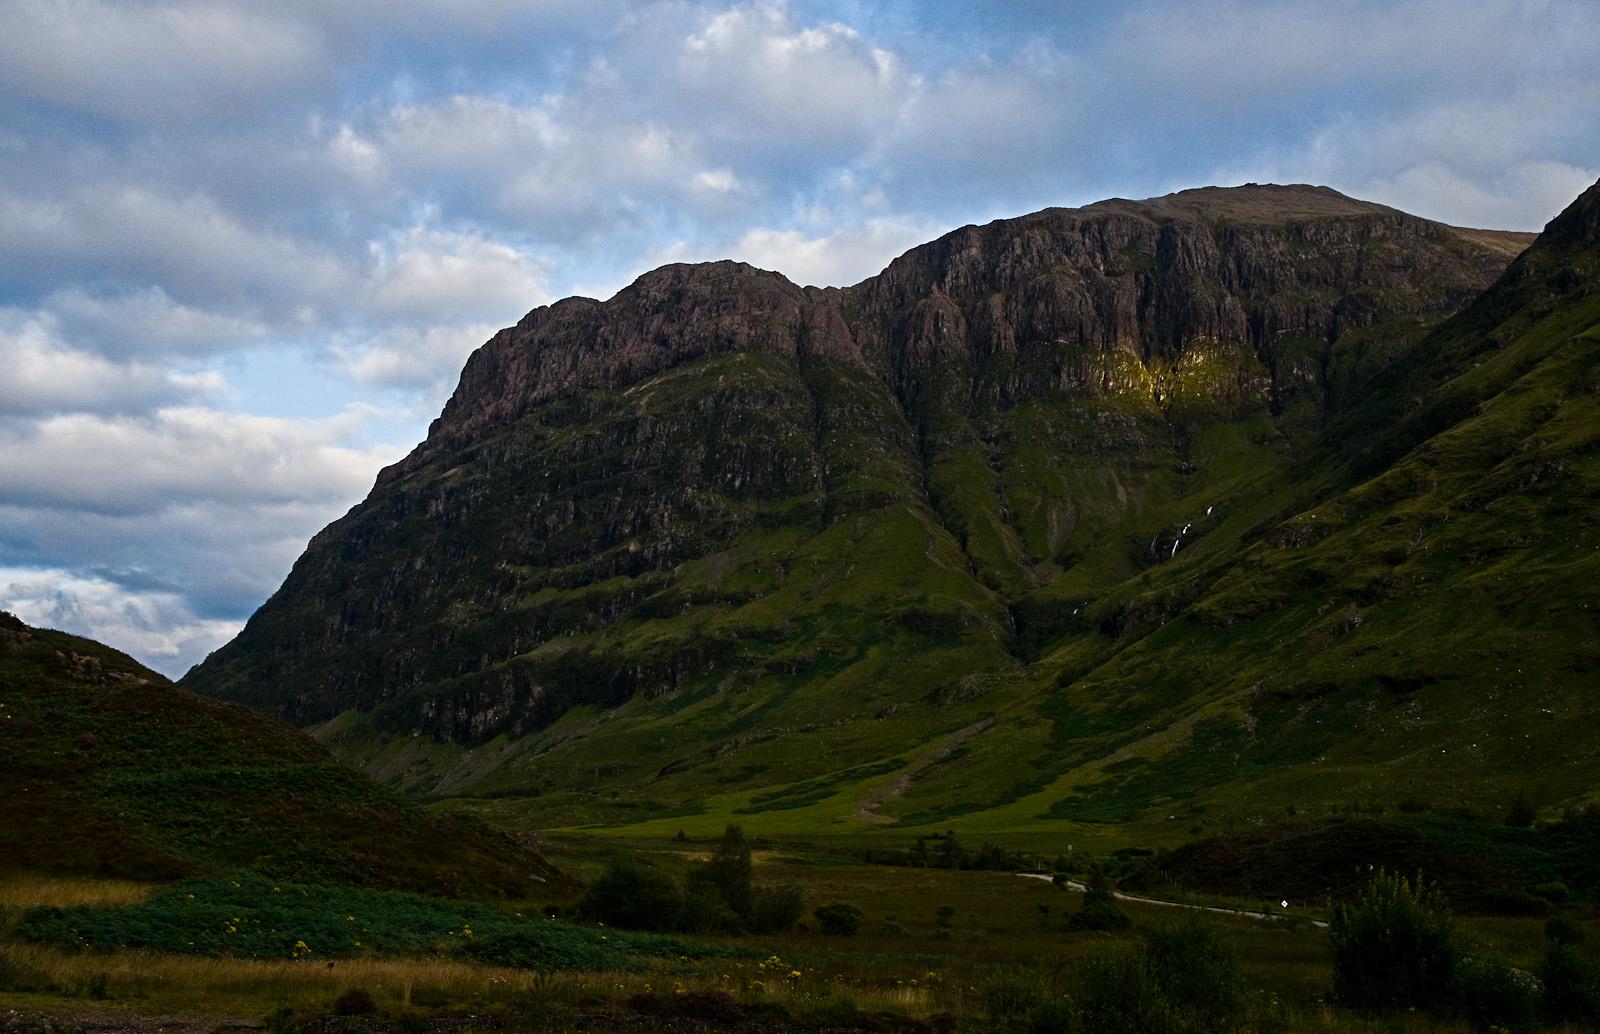 Schottland LIV - Glen Coe